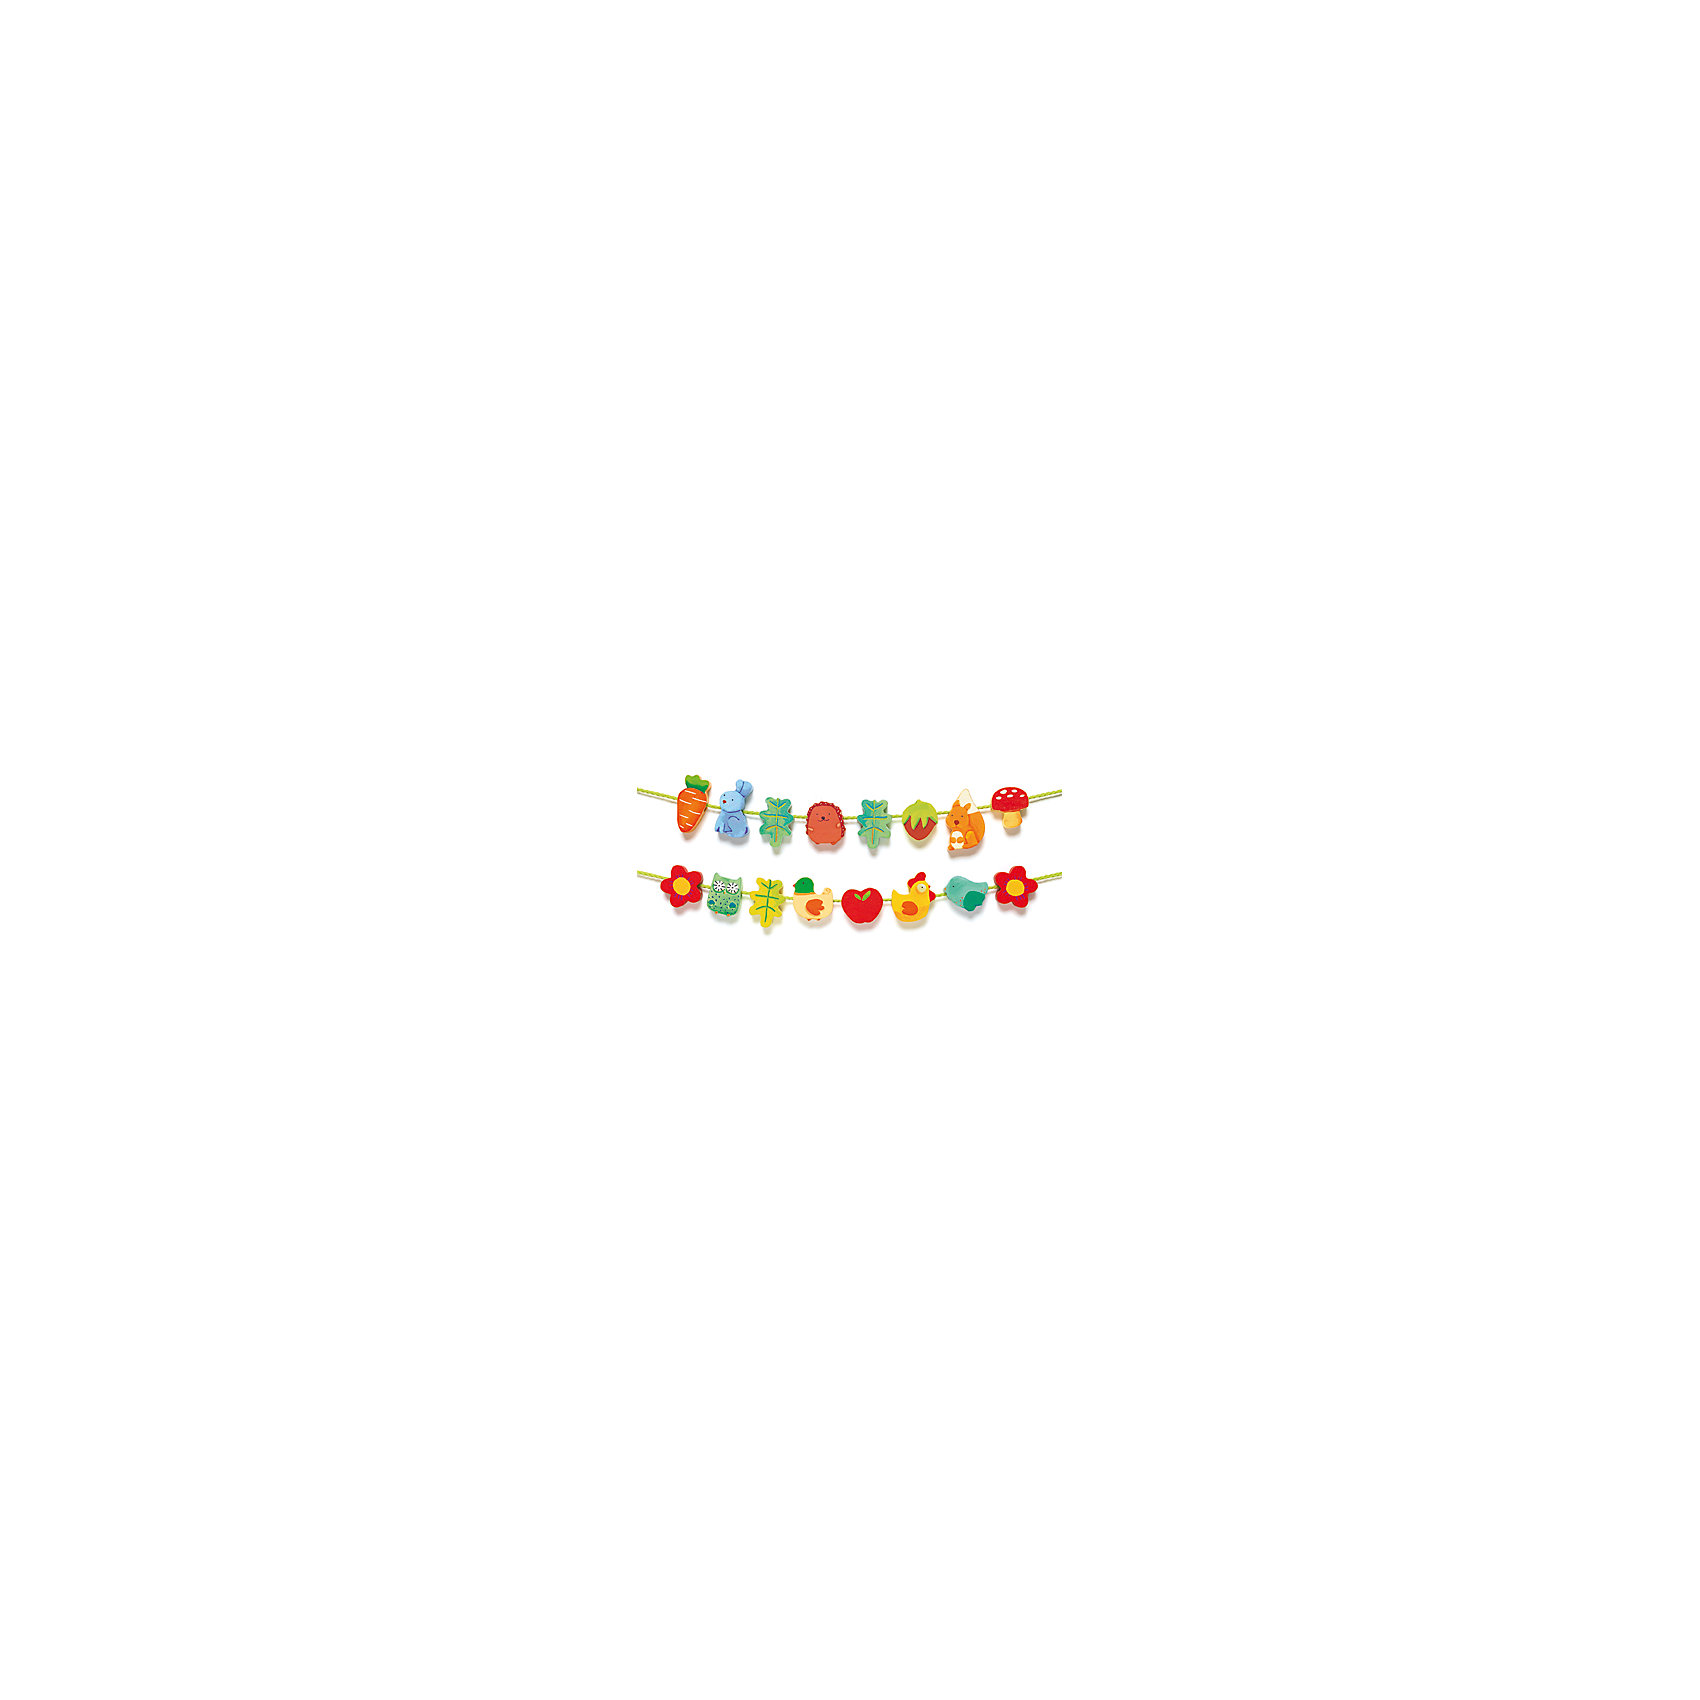 Шнуровка – бусы «Сад» , DJECOРазвивающие игры<br>Разноцветная и невероятно приятная на ощупь шнуровка способствует развитию мелкой моторики малышей, а также в игровой форме знакомит ребенка с забавными животными. Малыш будет с удовольствием нанизывать яркие, разные по форме «бусины», и каждый раз у него будут получаться новые бусы. Это увлекательное занятие развивает в ребенке чувство прекрасного, понимание пропорций, начальное знание цветов. Каждая бусинка ярко раскрашена, идеально обработана, имеет удобный для детских рук размер, не имеет острых углов. Шнуровка – бусы «Сад» изготовлена из  безопасных, экологически чистых материалов. <br><br>Дополнительная информация:<br><br>- Материал: дерево, текстиль.<br>- Размер упаковки: 28х12х2,5 см.<br>- В комплекте: 18 деревянных деталей, 2 шнурка.<br><br>Шнуровку – бусы «Сад» , DJECO (Джеко), можно купить в нашем магазине.<br><br>Ширина мм: 280<br>Глубина мм: 120<br>Высота мм: 30<br>Вес г: 250<br>Возраст от месяцев: 24<br>Возраст до месяцев: 48<br>Пол: Унисекс<br>Возраст: Детский<br>SKU: 4051888